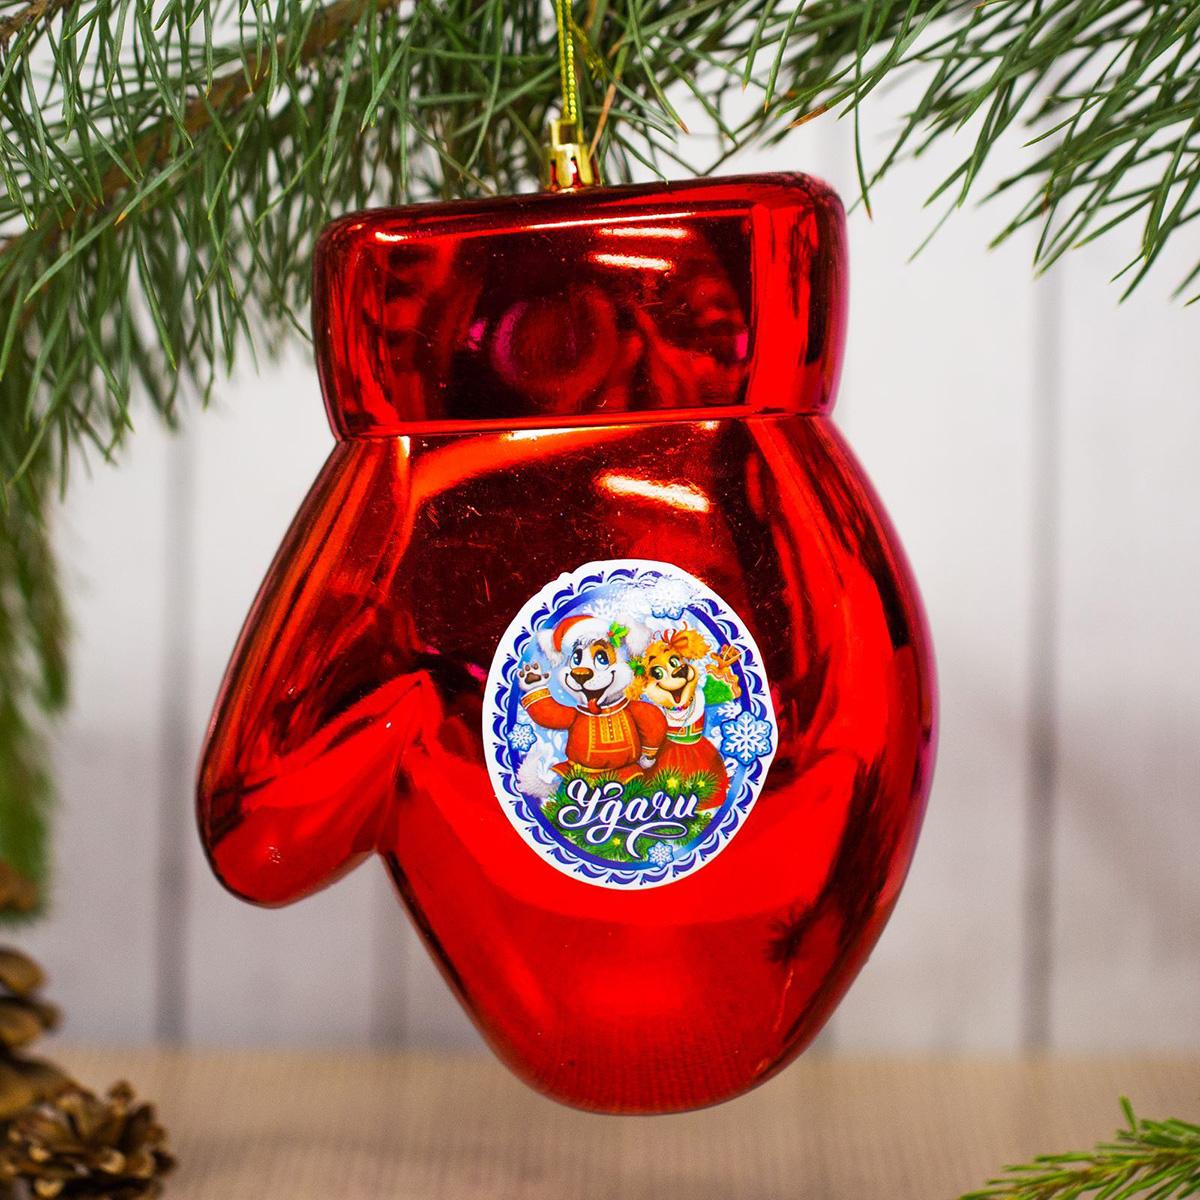 Новогоднее подвесное украшение Варежка. Удачи, 17 х 13 см2393780Новогоднее подвесное украшение отлично подойдет для декорации вашего дома и новогодней ели. С помощью специальной петельки украшение можно повесить в любом понравившемся вам месте. Но, конечно, удачнее всего оно будет смотреться на праздничной елке.Елочная игрушка - символ Нового года. Она несет в себе волшебство и красоту праздника. Такое украшение создаст в вашем доме атмосферу праздника, веселья и радости.